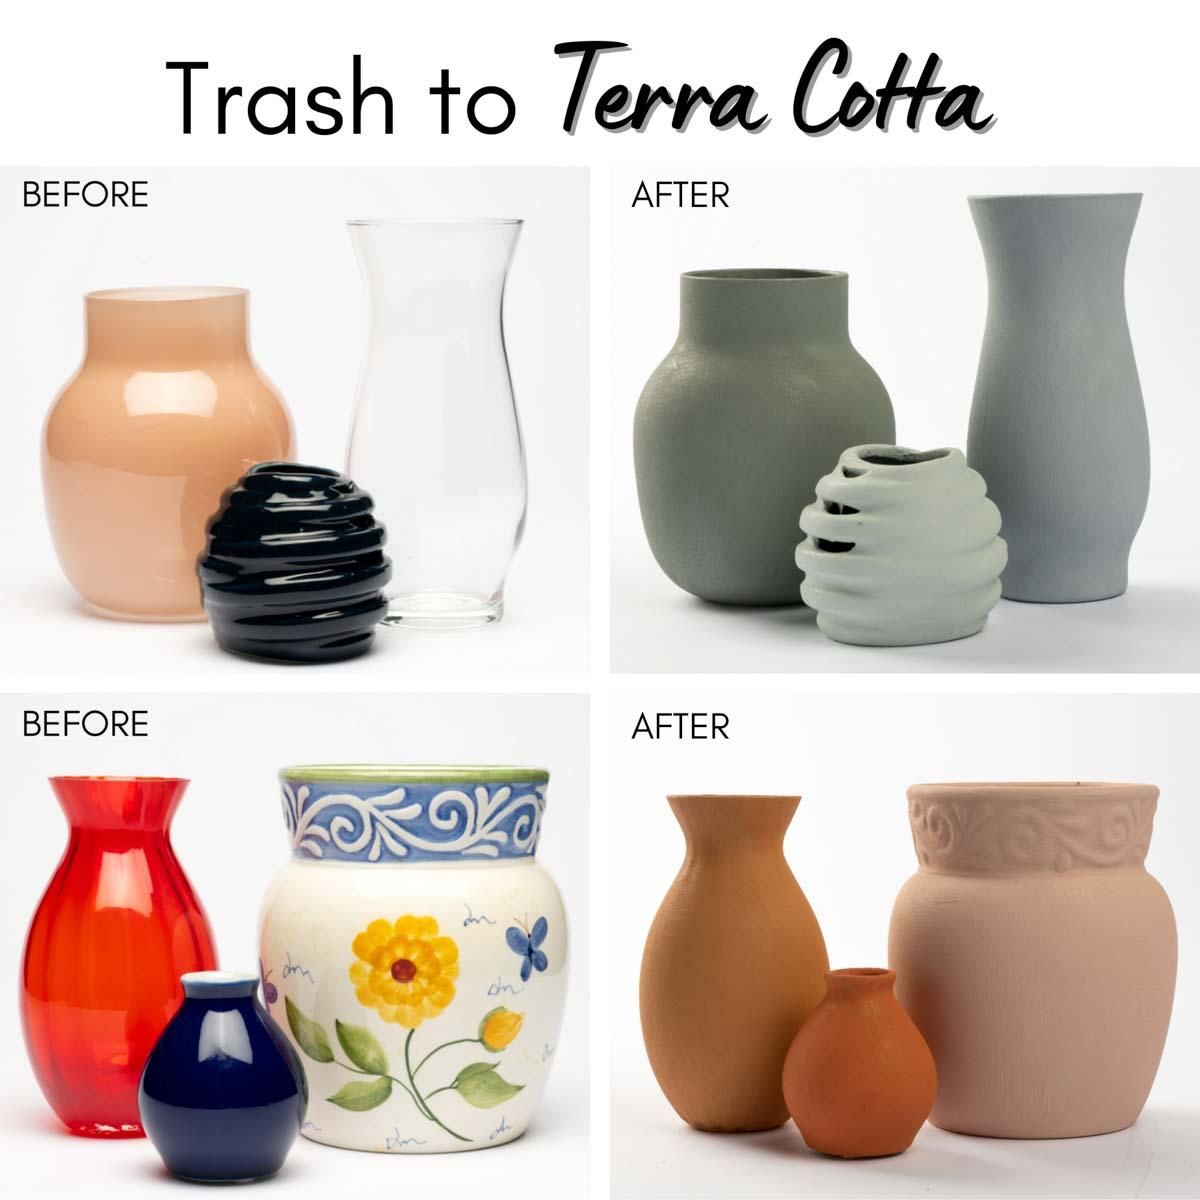 FolkArt ® Terra Cotta™ Acrylic Paint - Sea Stone, 2 oz. - 7024